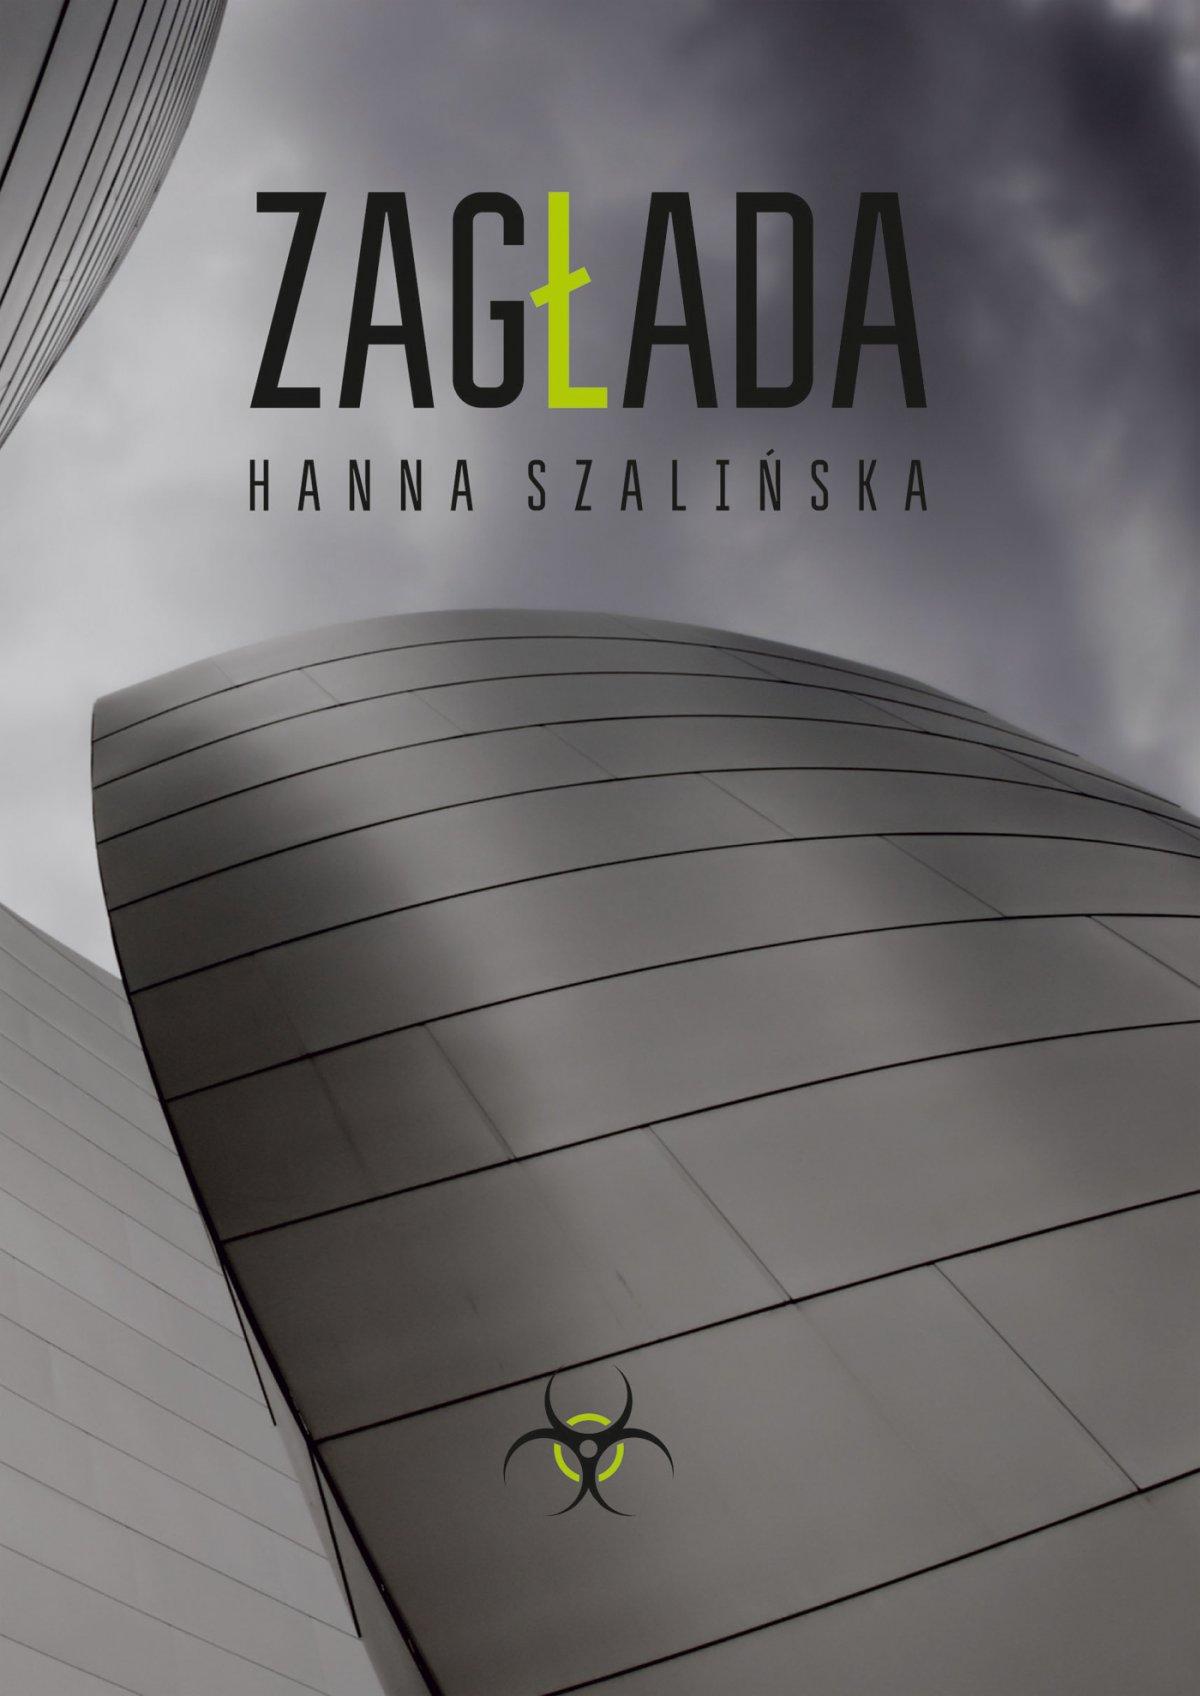 Zagłada - Ebook (Książka EPUB) do pobrania w formacie EPUB